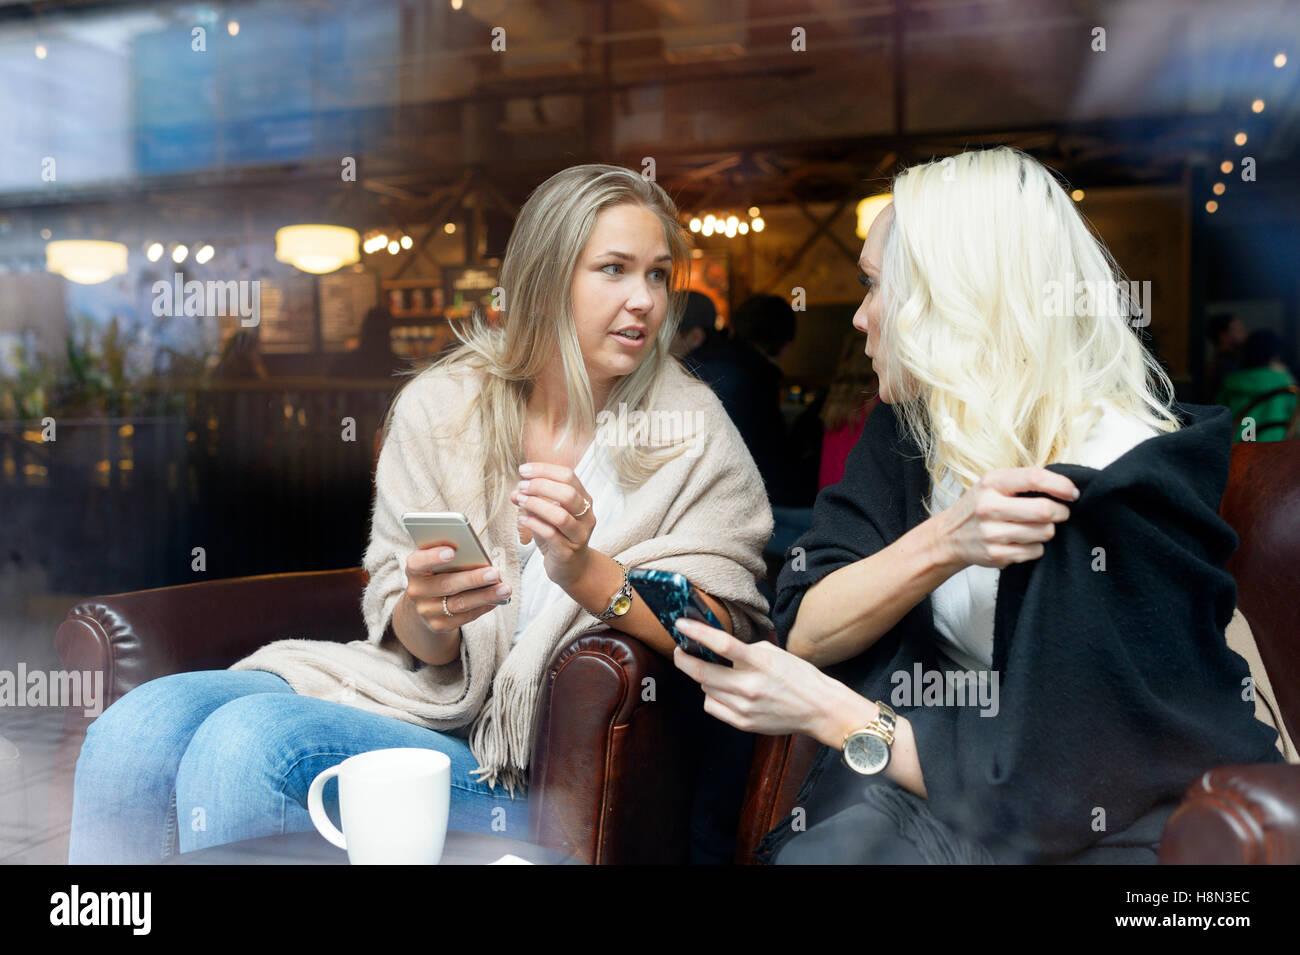 Les jeunes femmes à l'aide de leur téléphone mobile au café Photo Stock